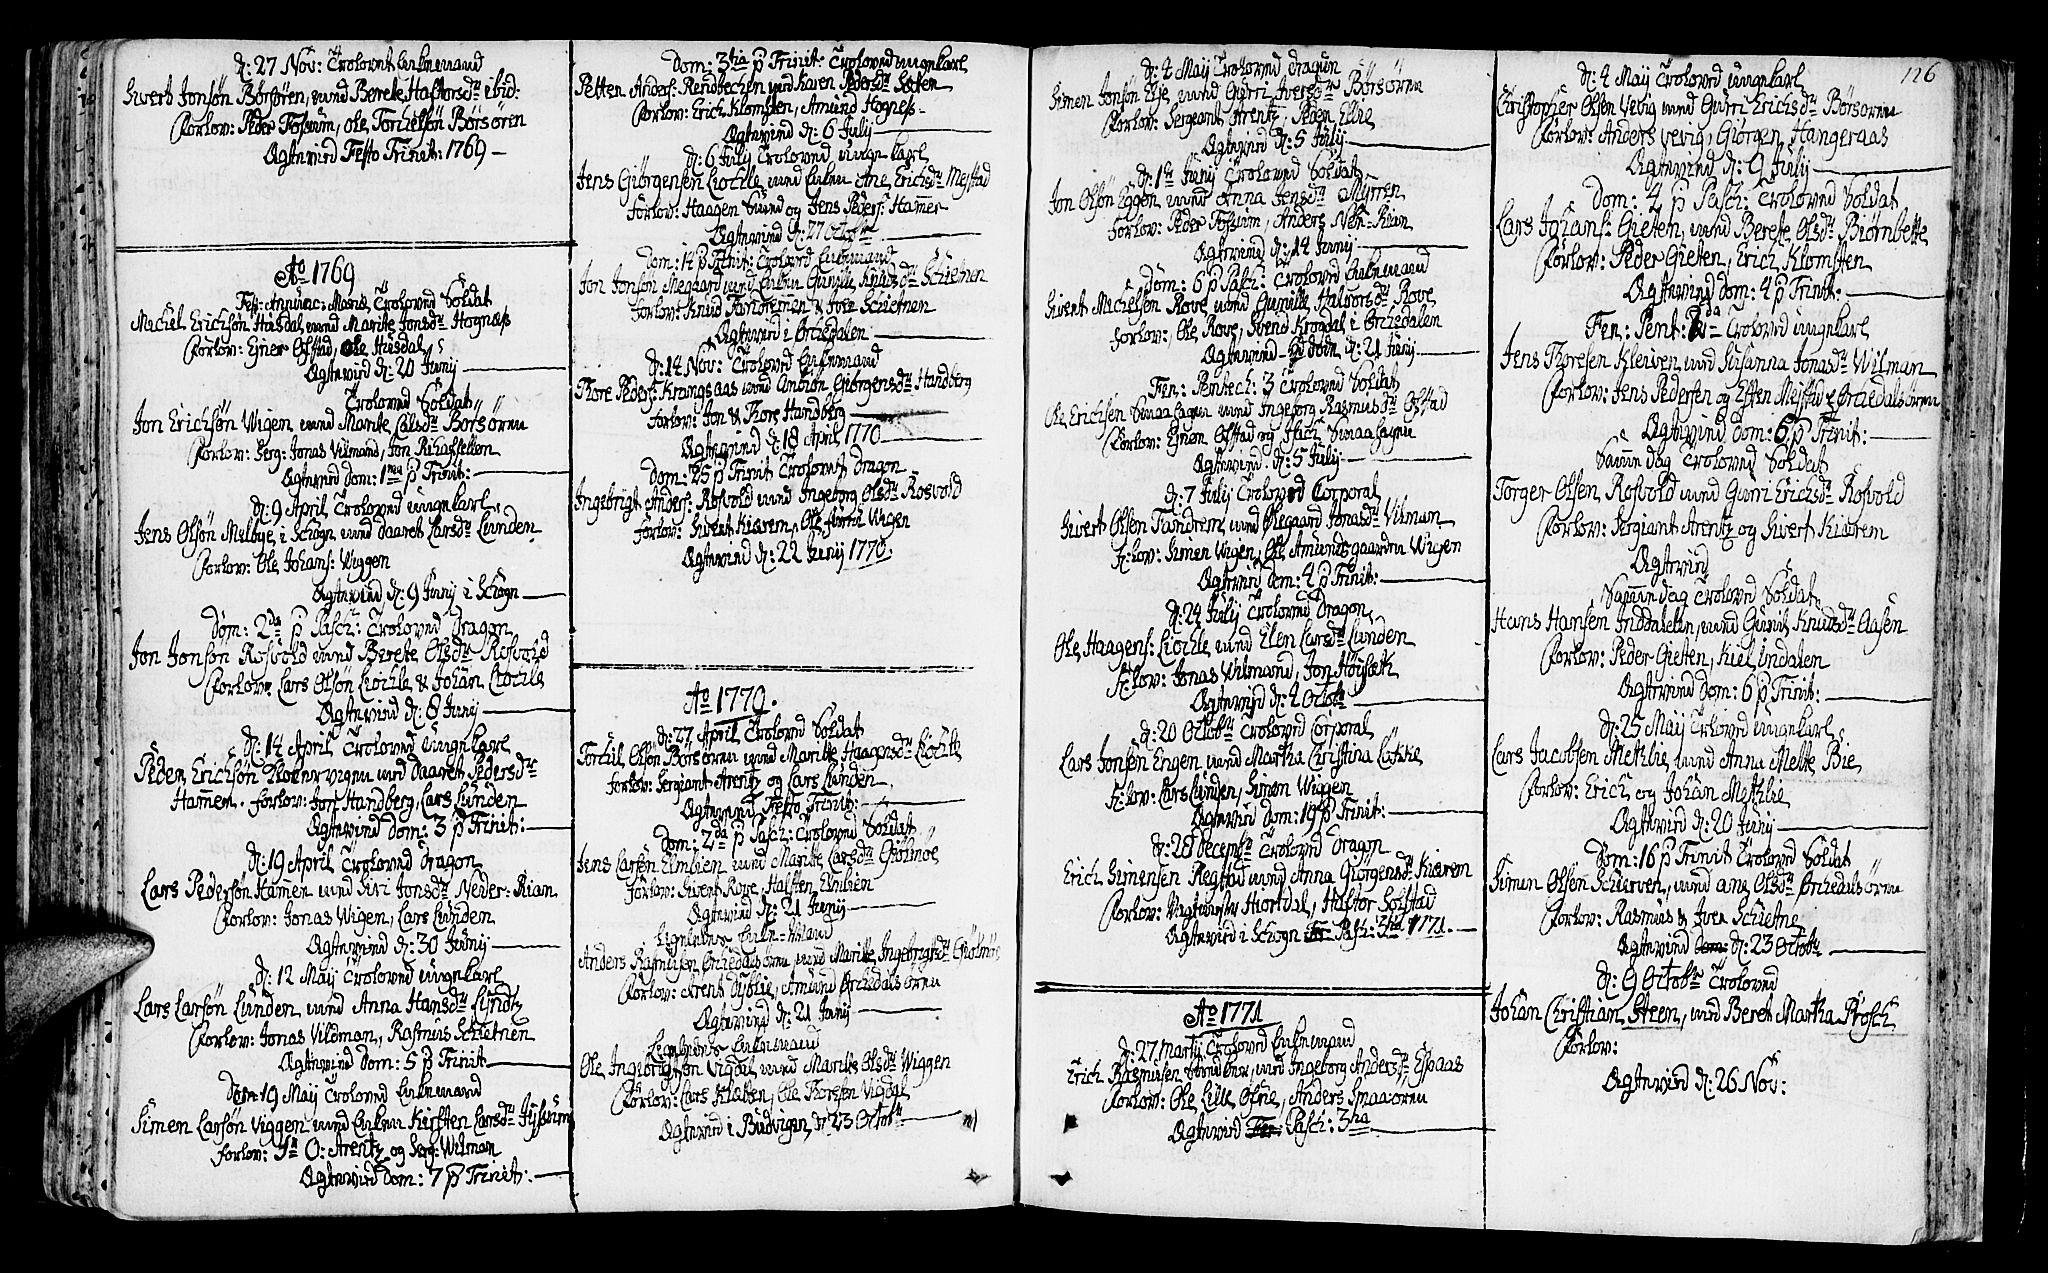 SAT, Ministerialprotokoller, klokkerbøker og fødselsregistre - Sør-Trøndelag, 665/L0768: Ministerialbok nr. 665A03, 1754-1803, s. 126